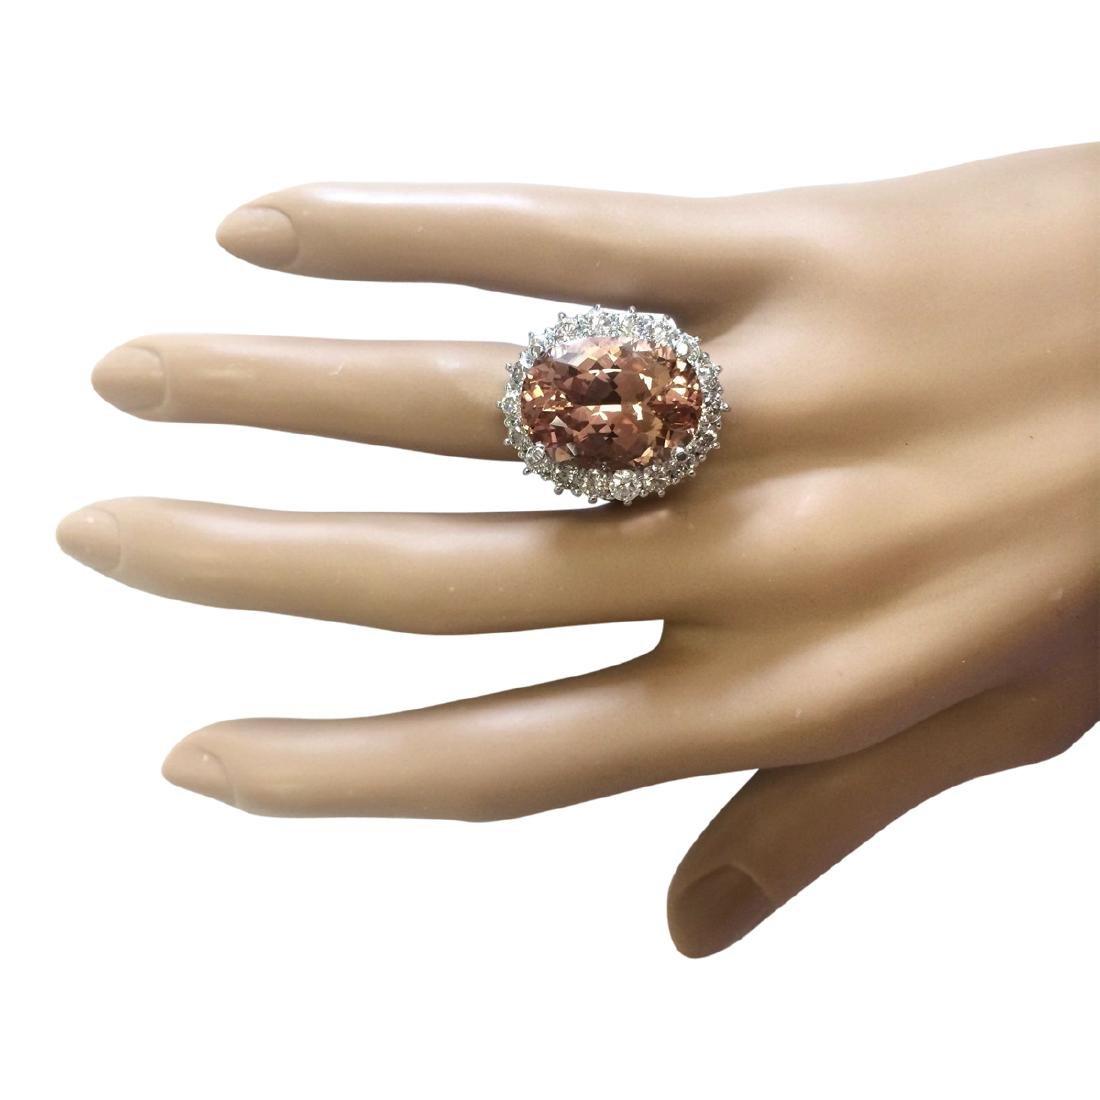 16.87 CTW Natural Morganite And Diamond Ring In 18K - 4